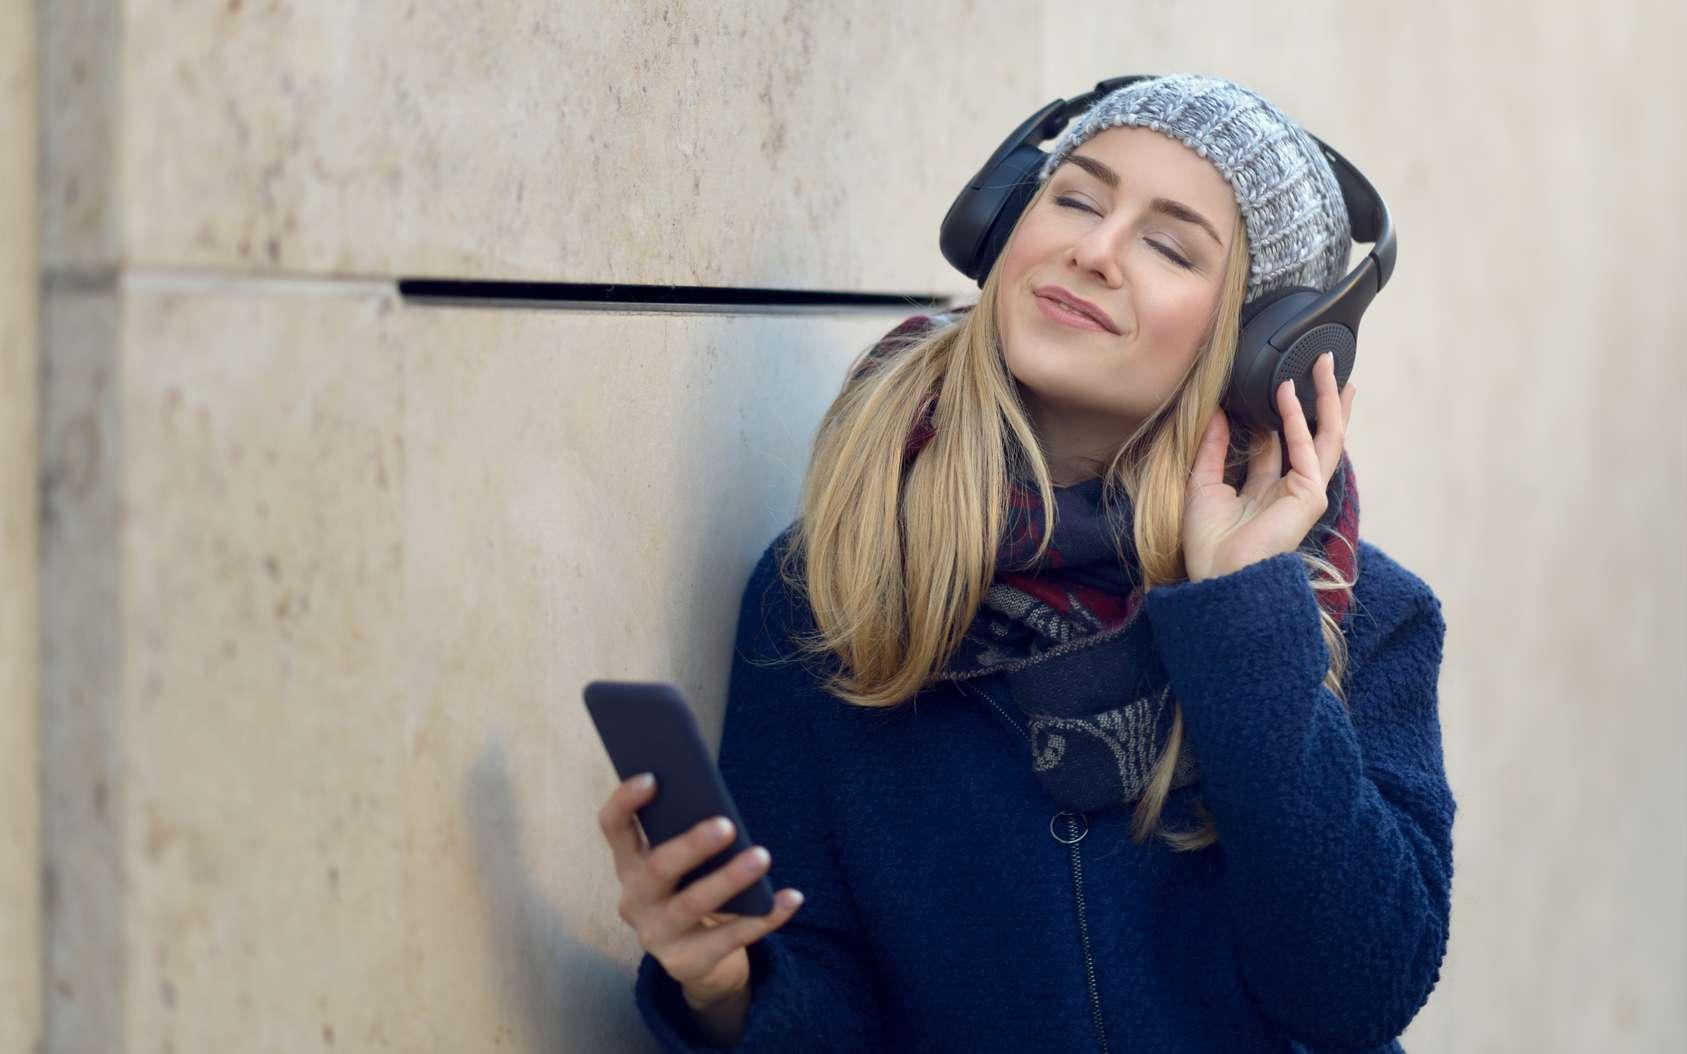 Les performances ainsi que l'autonomie des casques et écouteurs Bluetooth seront bientôt nettement améliorées. © Lars Zahner, Fotolia